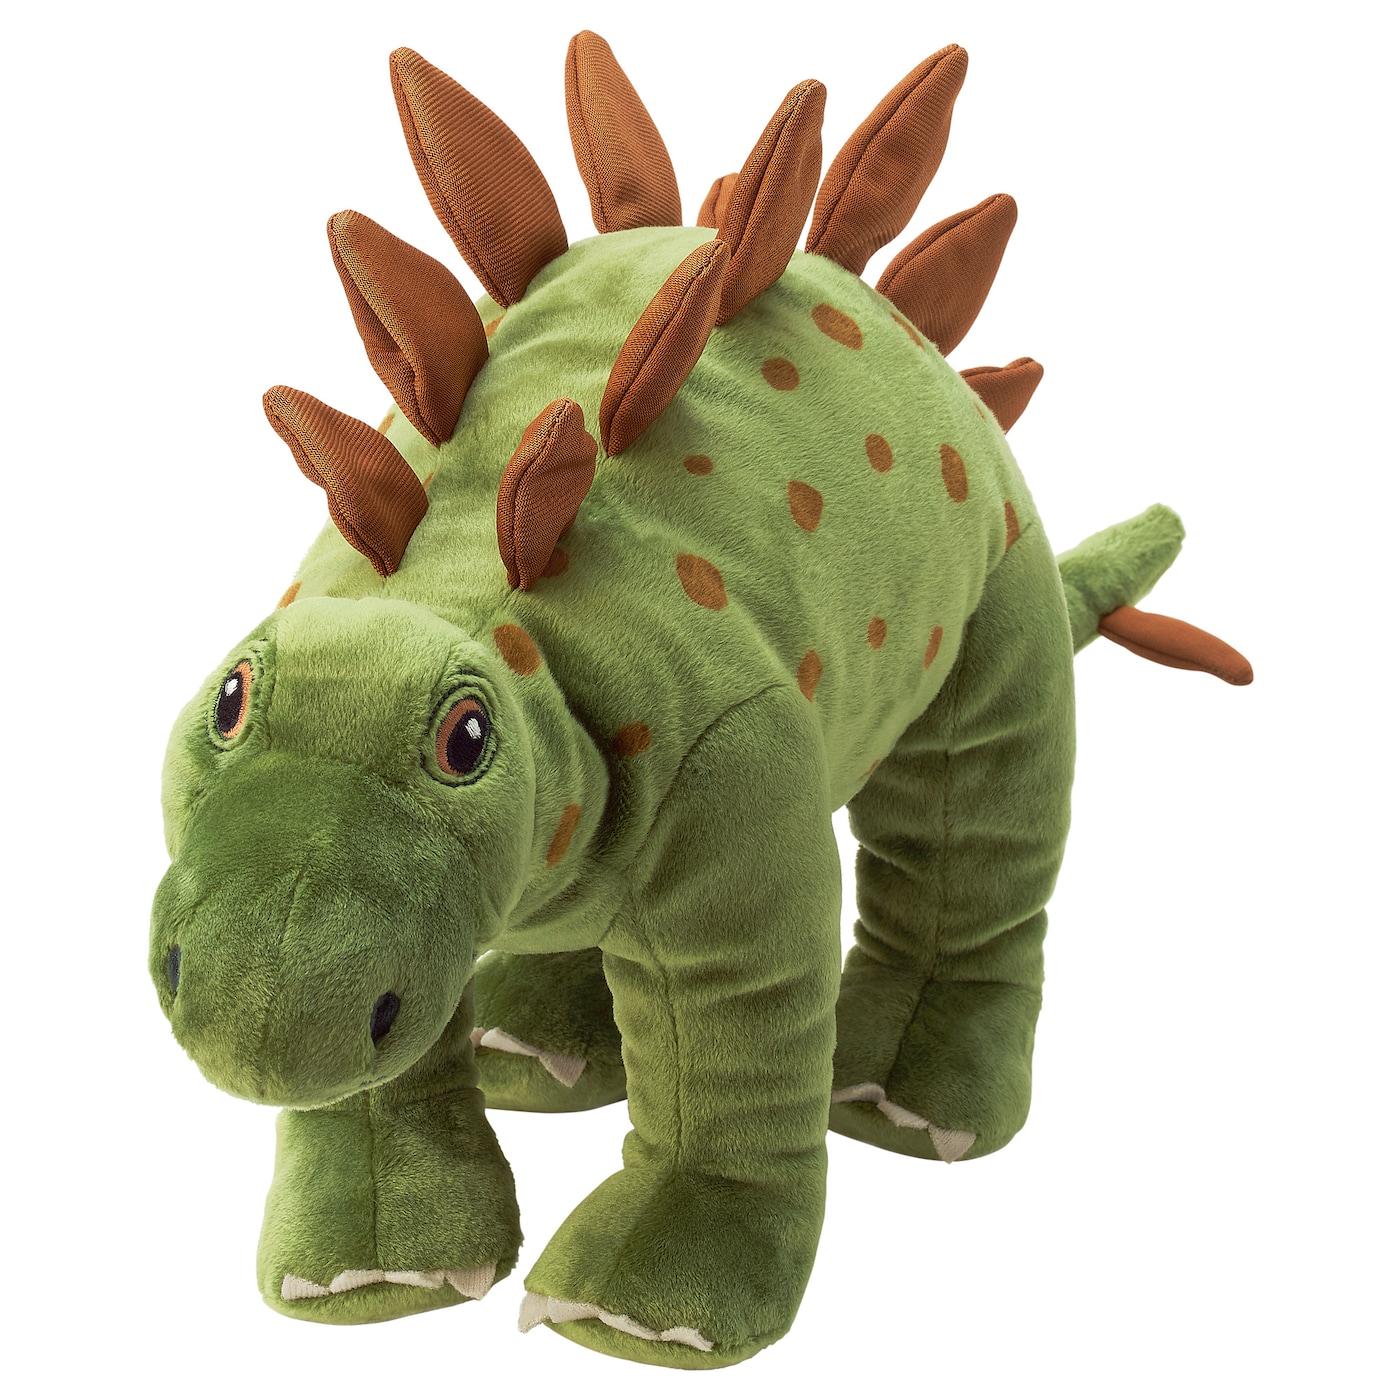 J 196 Ttelik Soft Toy Dinosaur Dinosaur Stegosaurus Ikea